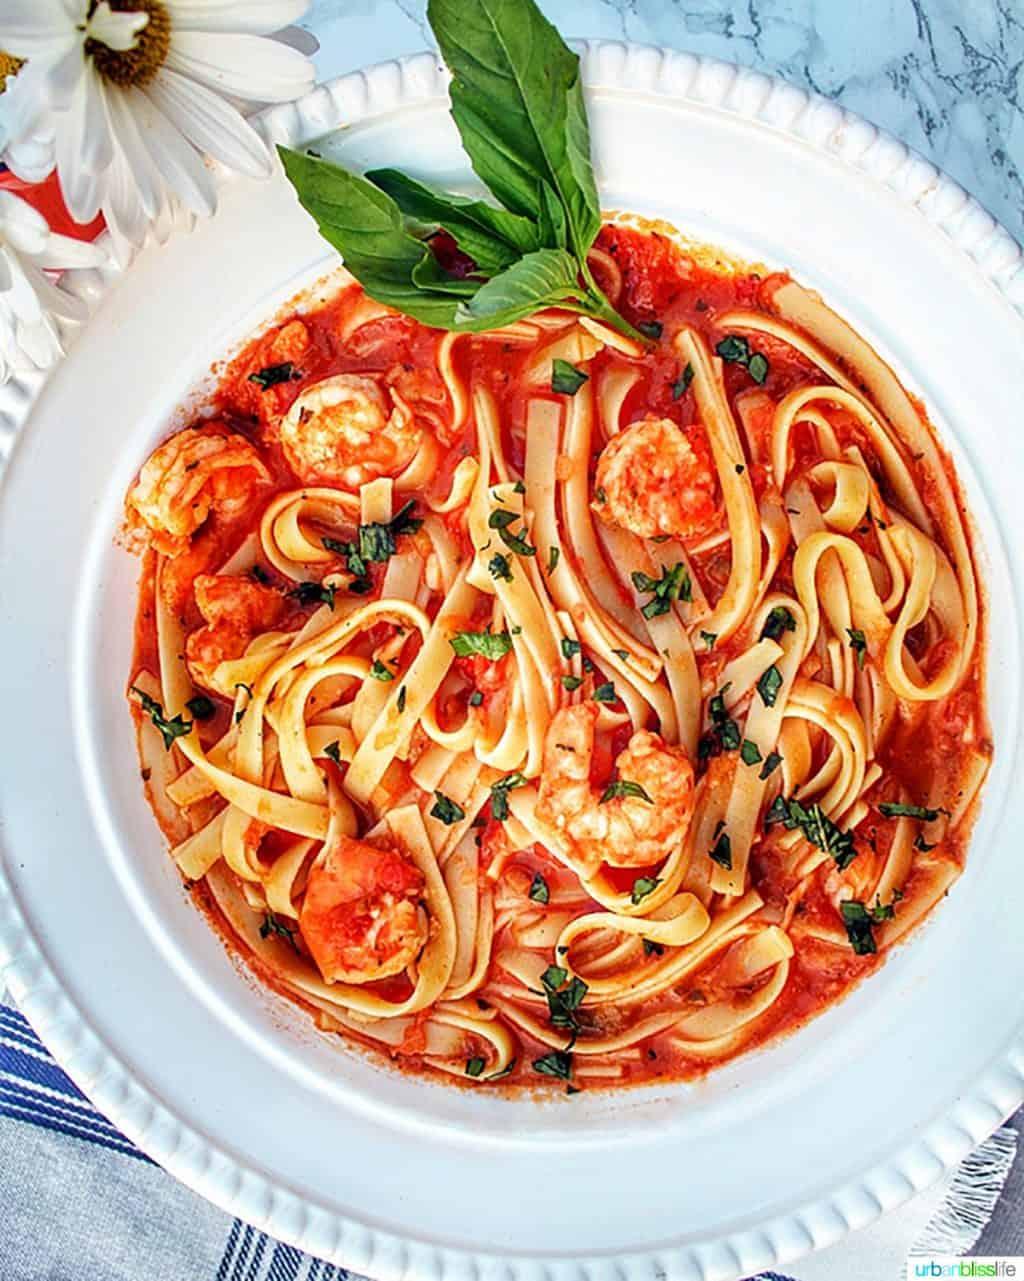 bowl of shrimp fettuccine with sprig of basil